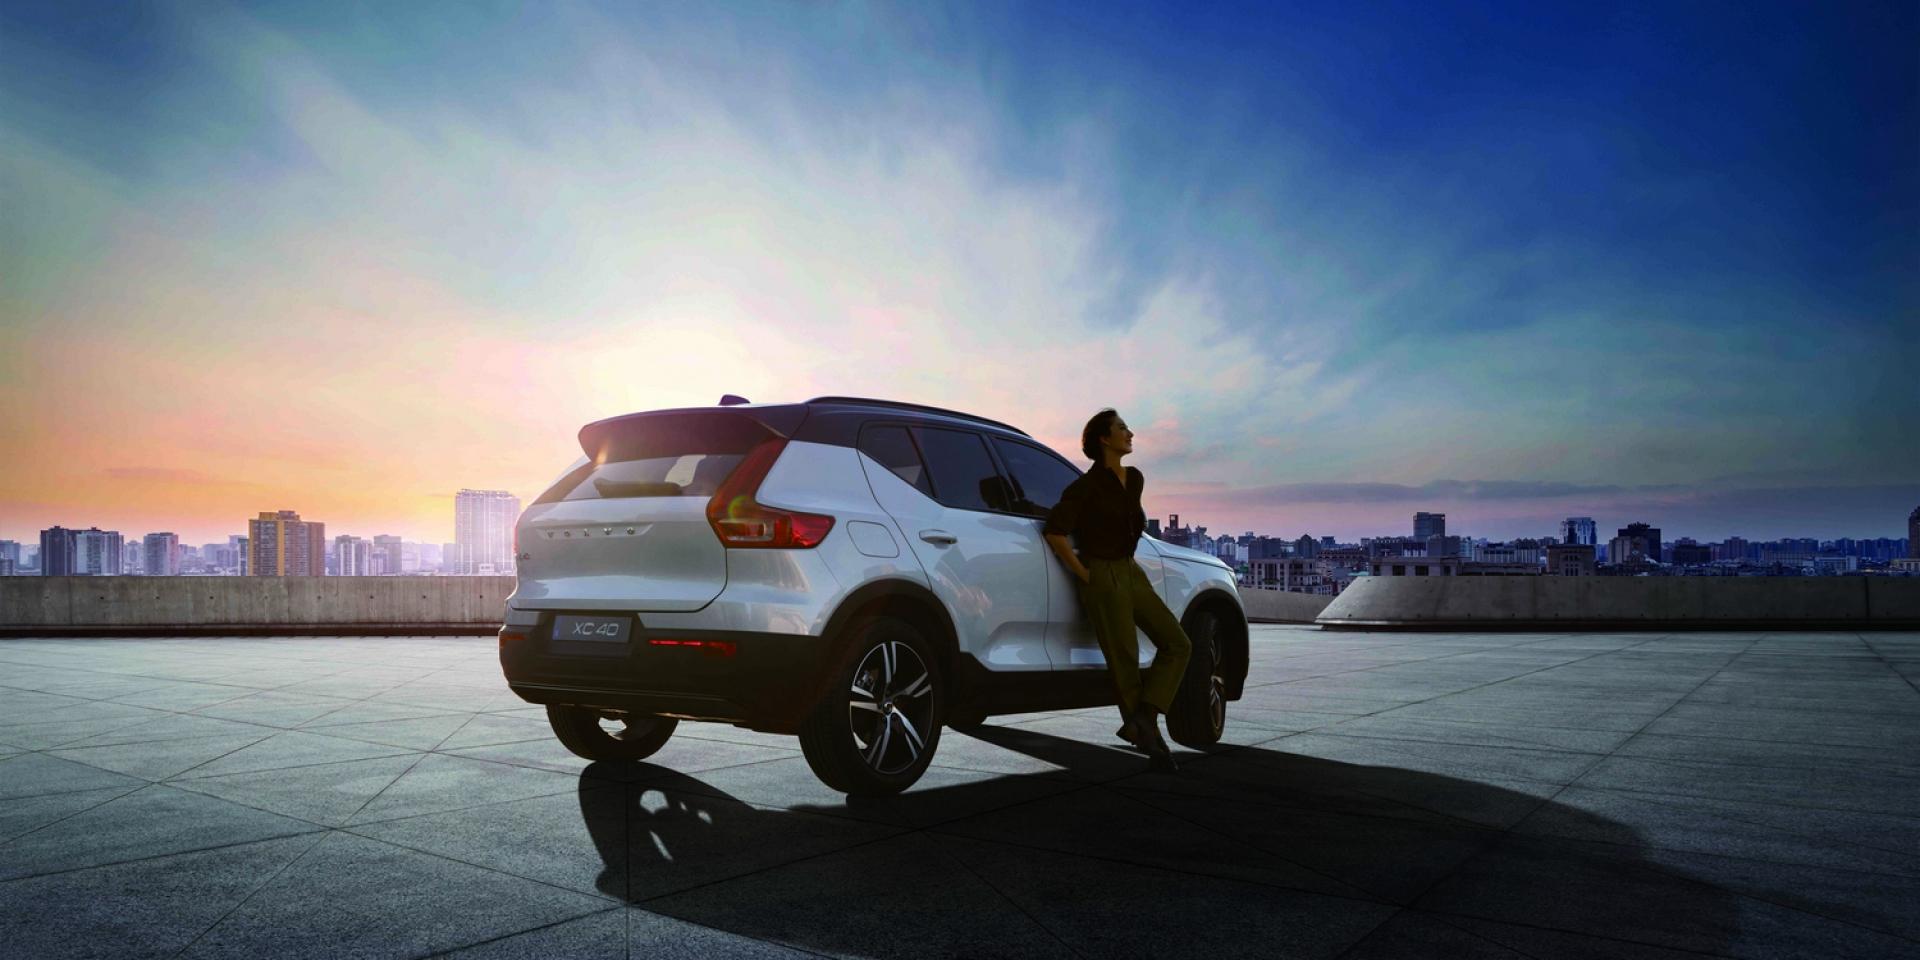 官方新聞稿。「讓世界搭上我的節奏」VOLVO與桂綸鎂共譜新篇章,全新年式Volvo XC40 T3時尚都會休旅輕動力登場